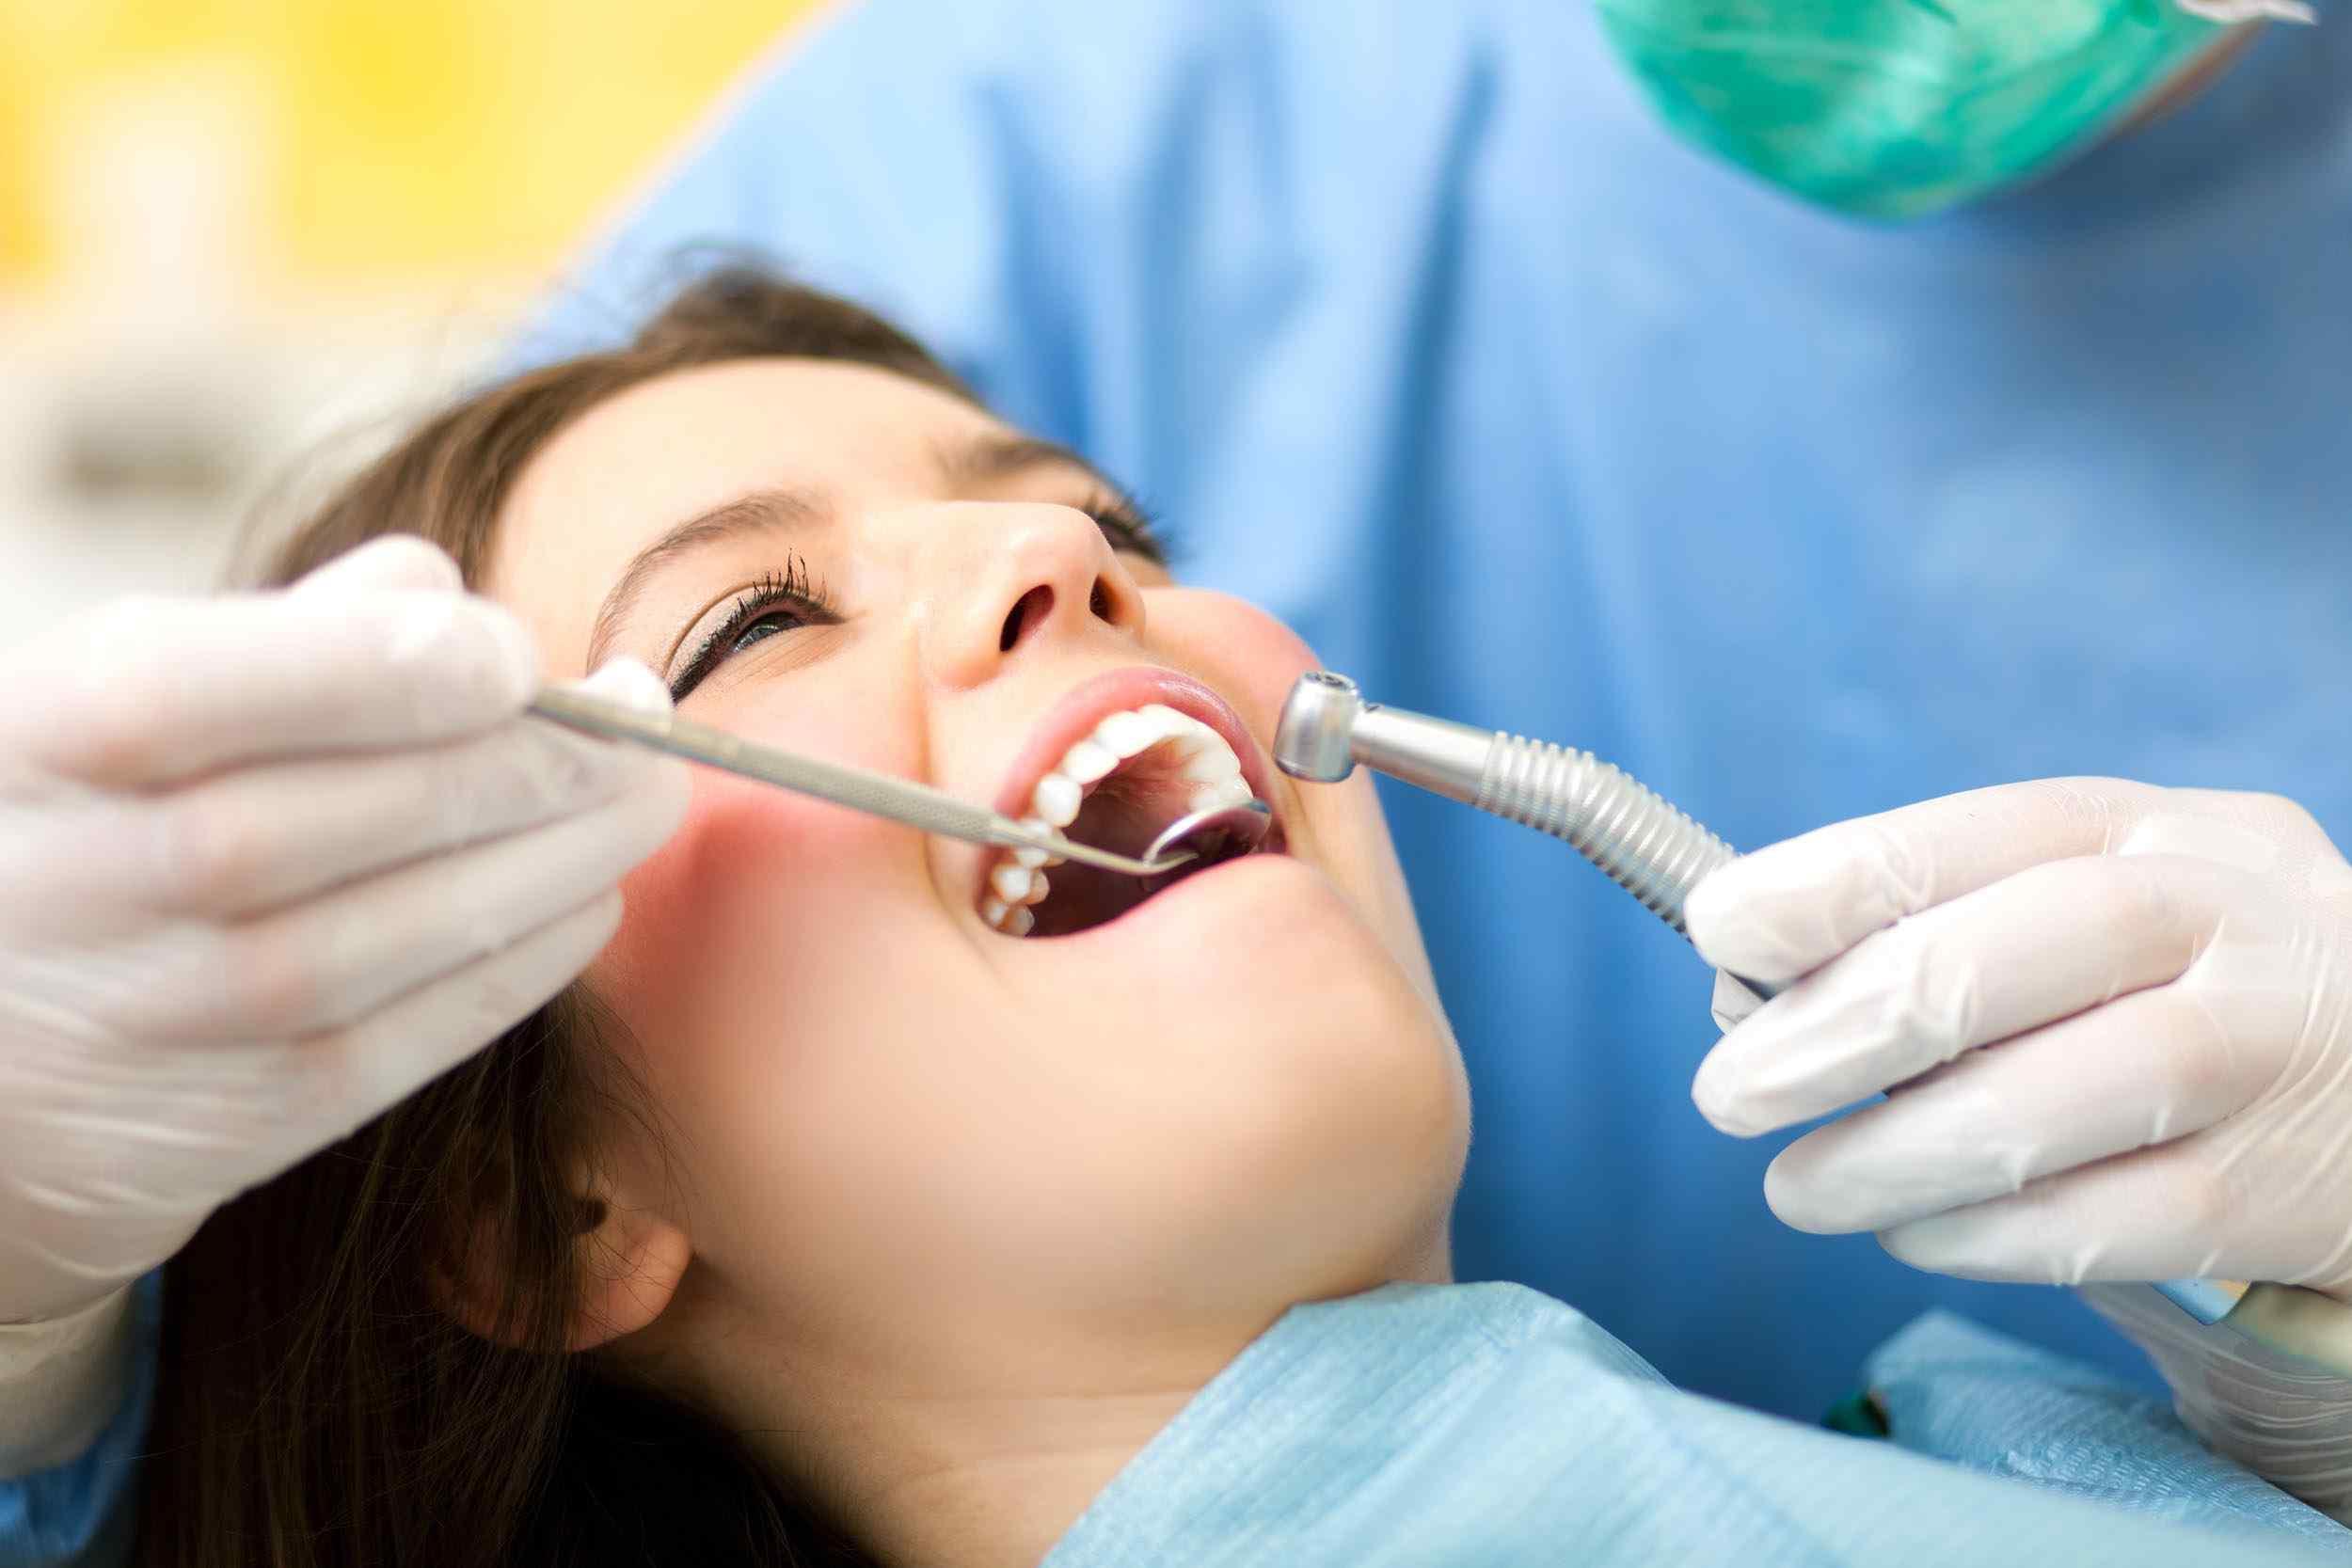 картинка лечи зуб укладываются стекло